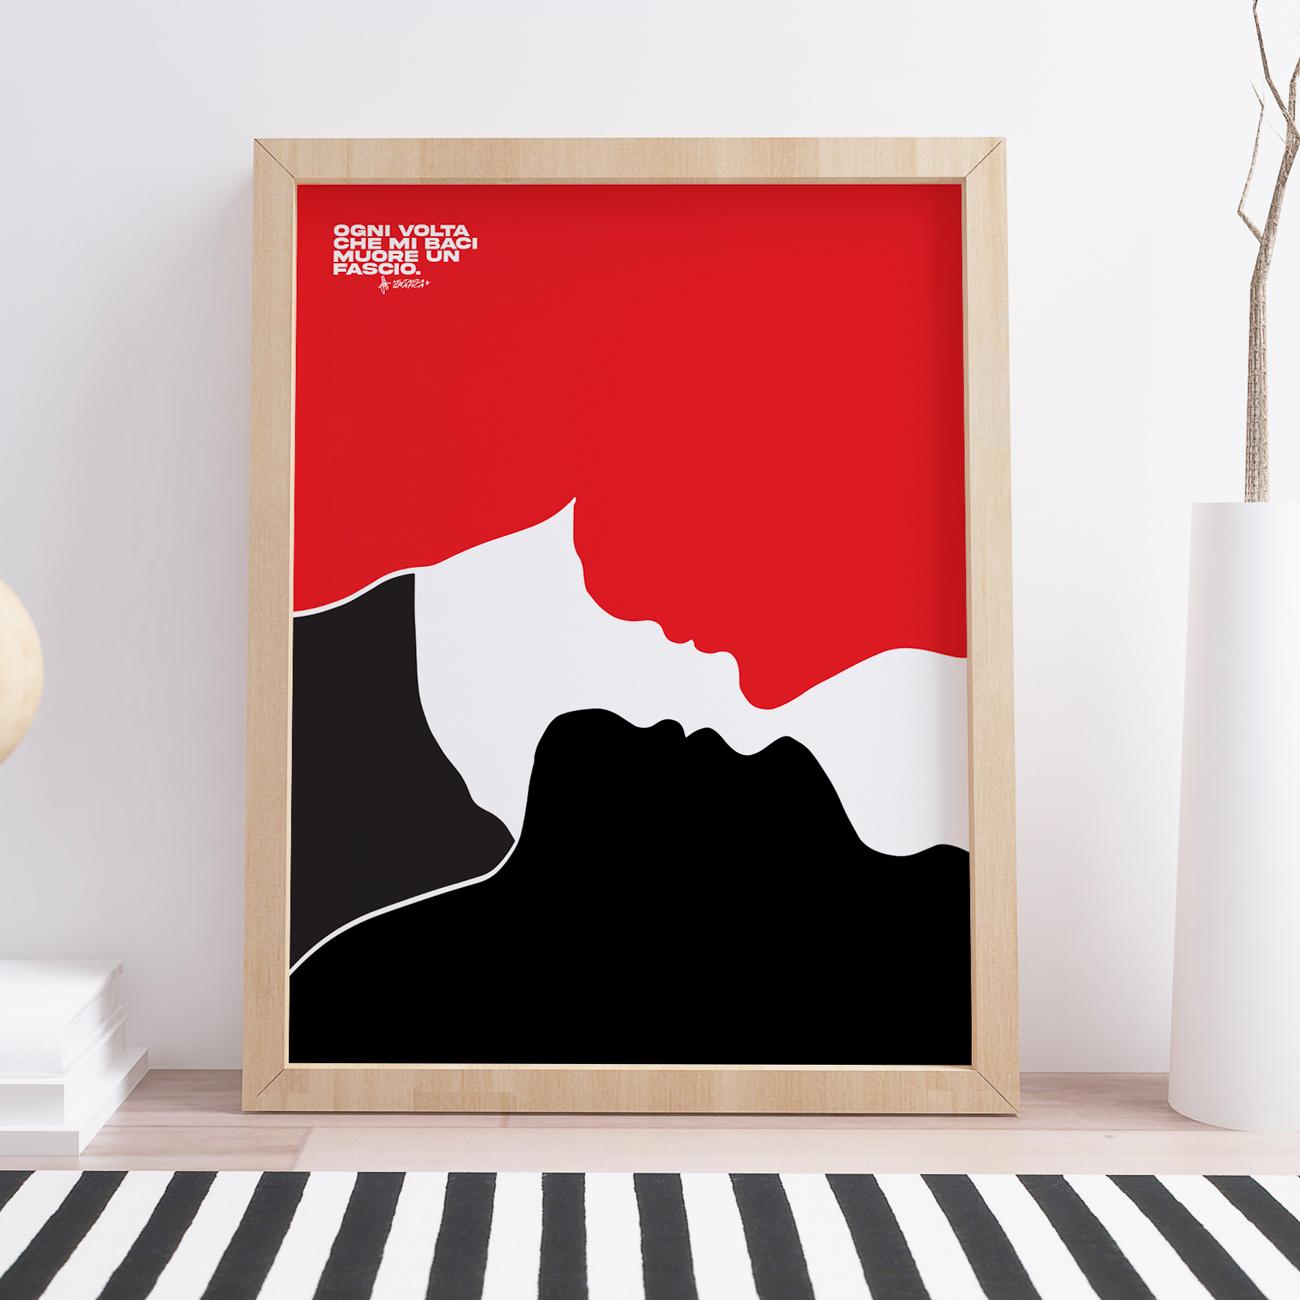 Ogni volta che mi baci, muore un fascio è un poster nato e trattato dalle tante poesie urbane iscritte su muri di palazzi